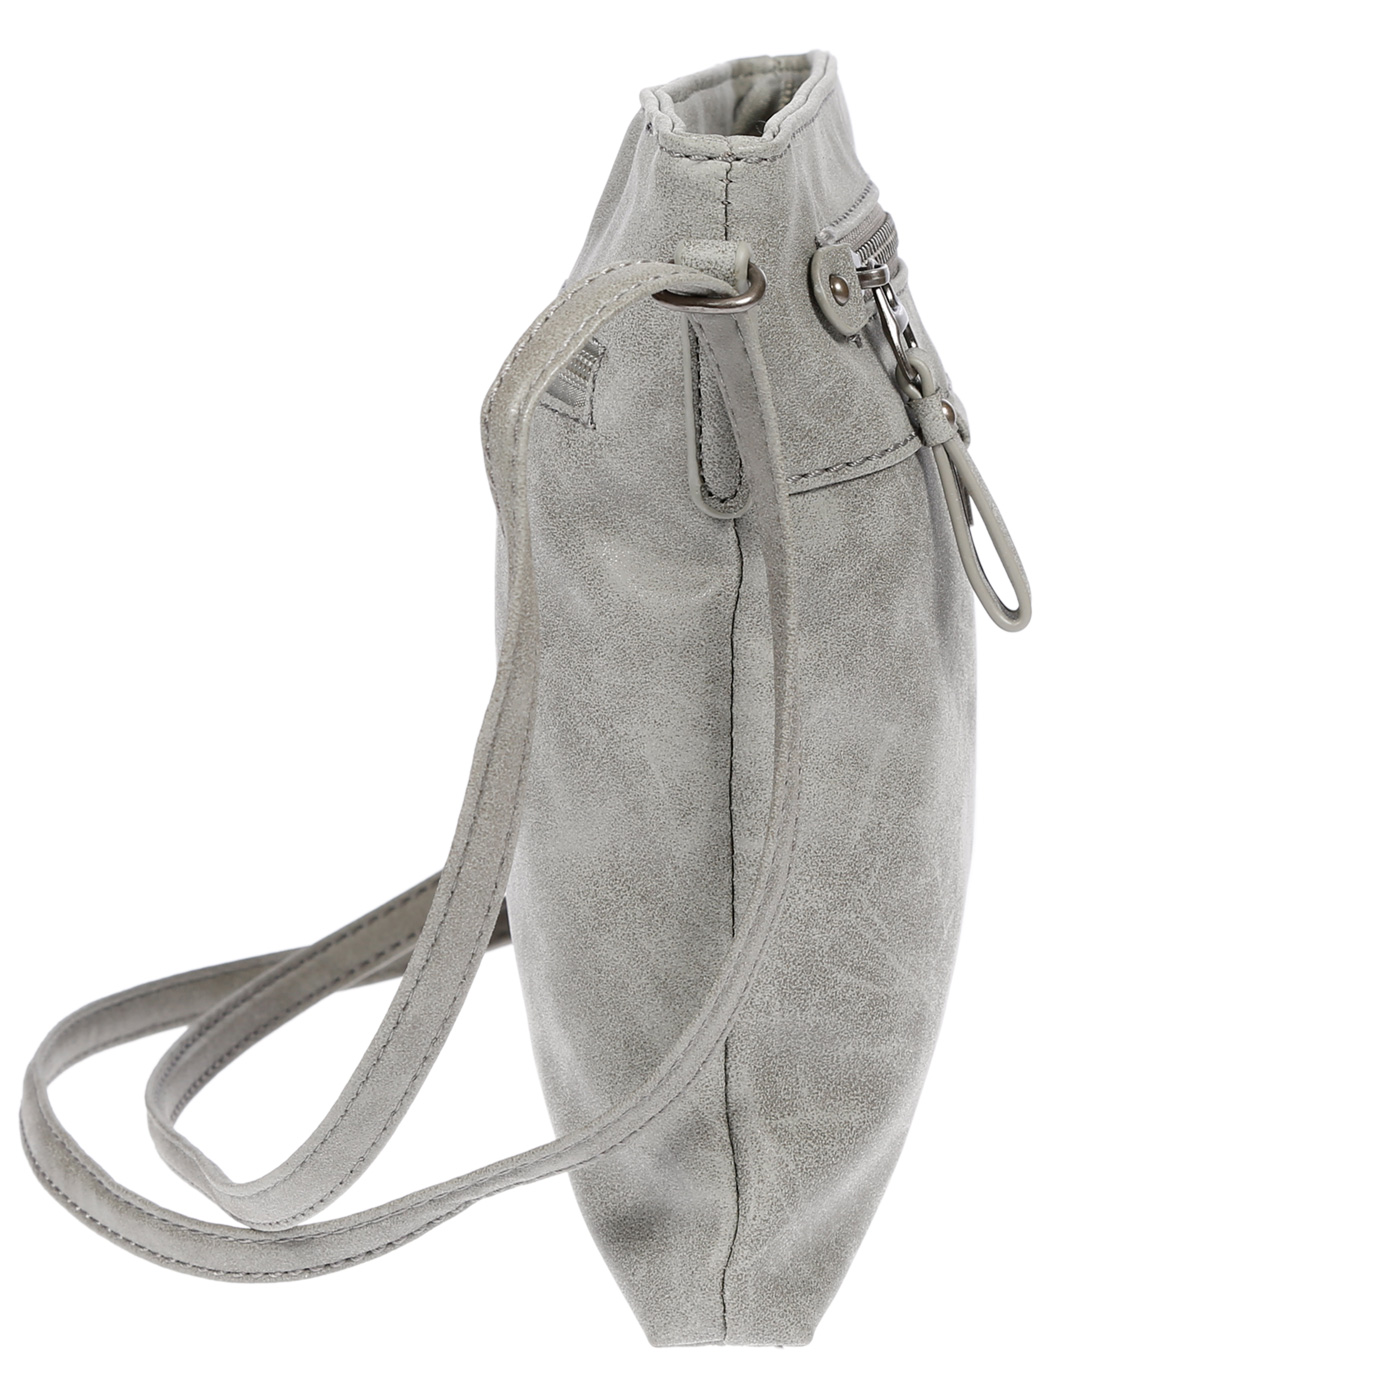 Damen-Handtasche-Umhaengetasche-Schultertasche-Tasche-Leder-Optik-Schwarz-Weiss Indexbild 39